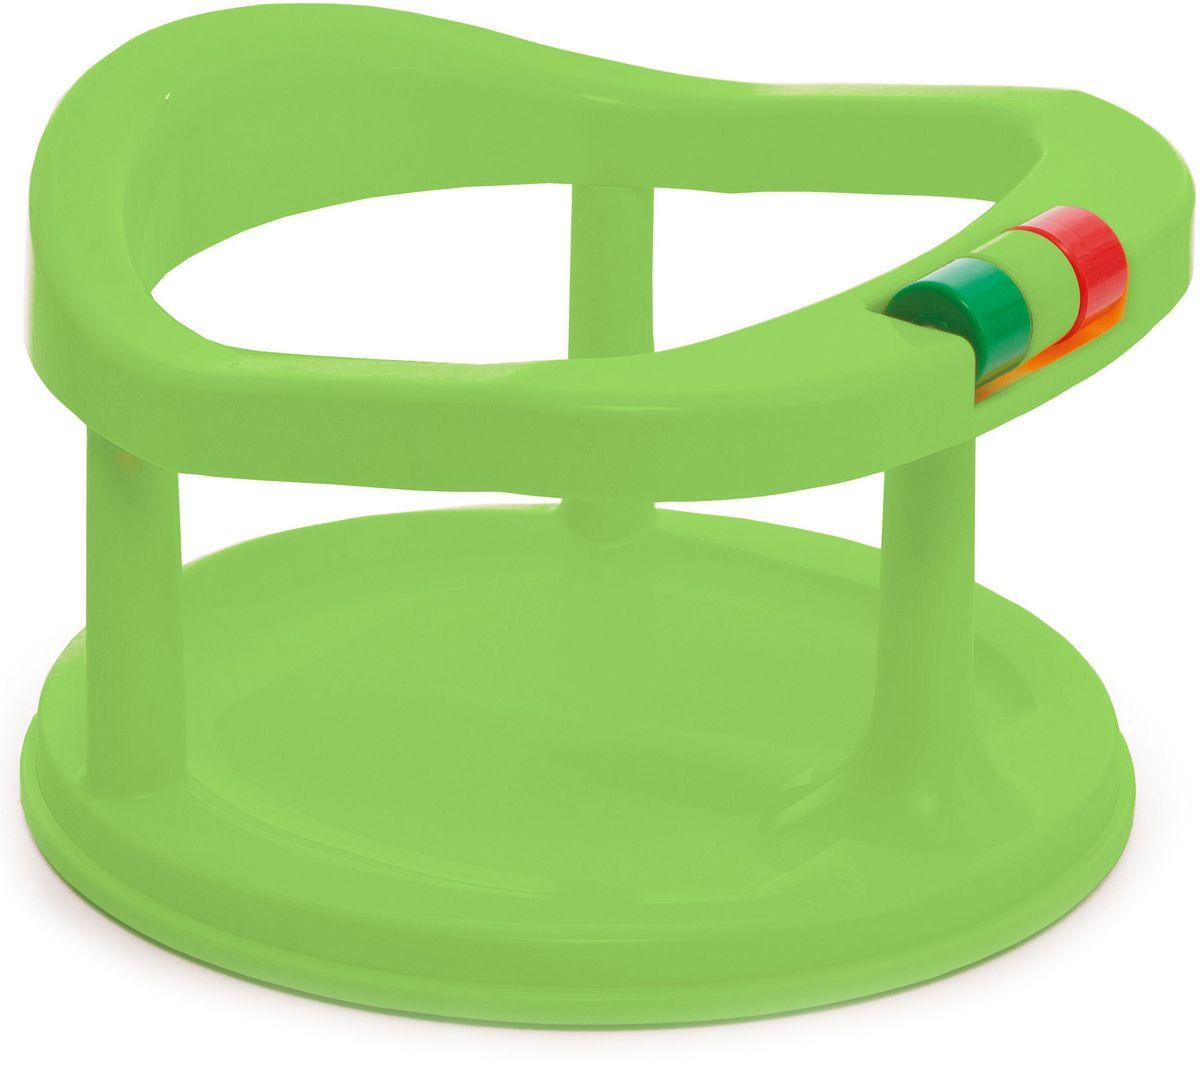 Детское сиденье для купания Полимербыт, на присосках. SGHPBKP348 -  Горки, подставки, шезлонги